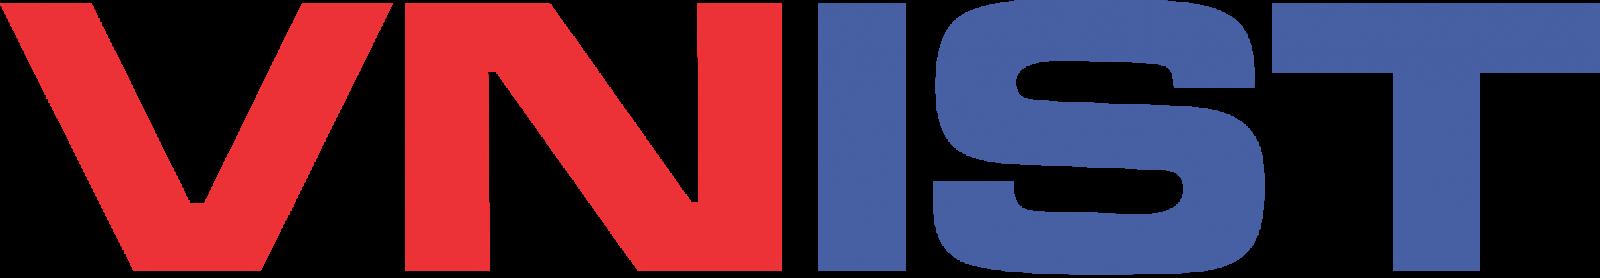 Công ty cổ phần công nghệ an toàn thông tin và truyền thông Việt Nam - VNIST